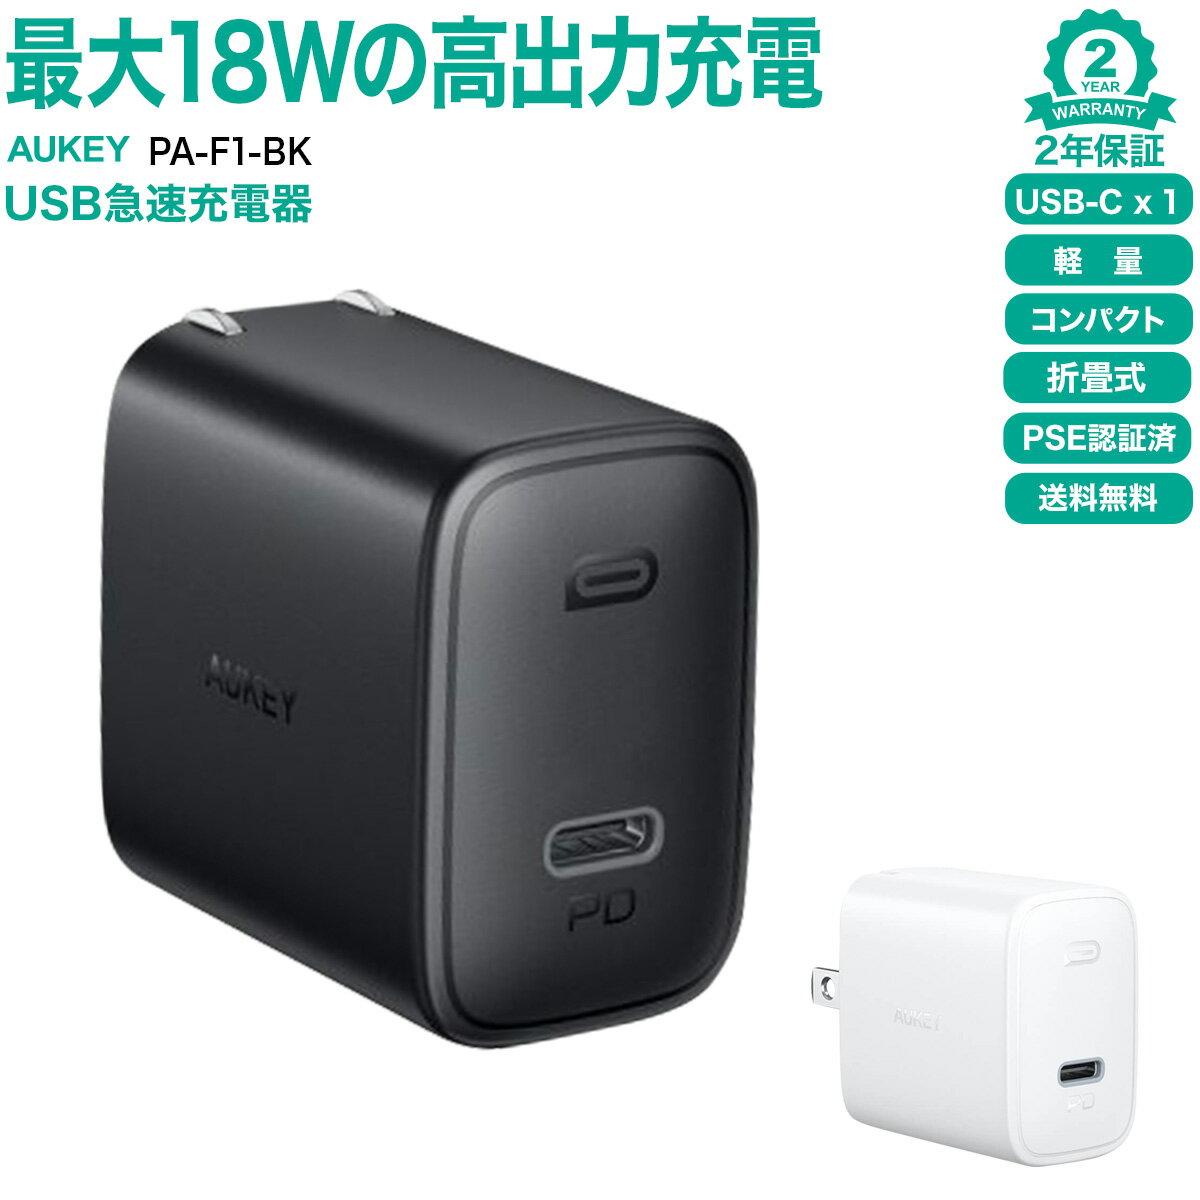 バッテリー・充電器, AC式充電器 AUKEY PA-F1 C Swift 18W iPhone Android Nintendo Switch PD Power Delivery 3A 18W 2